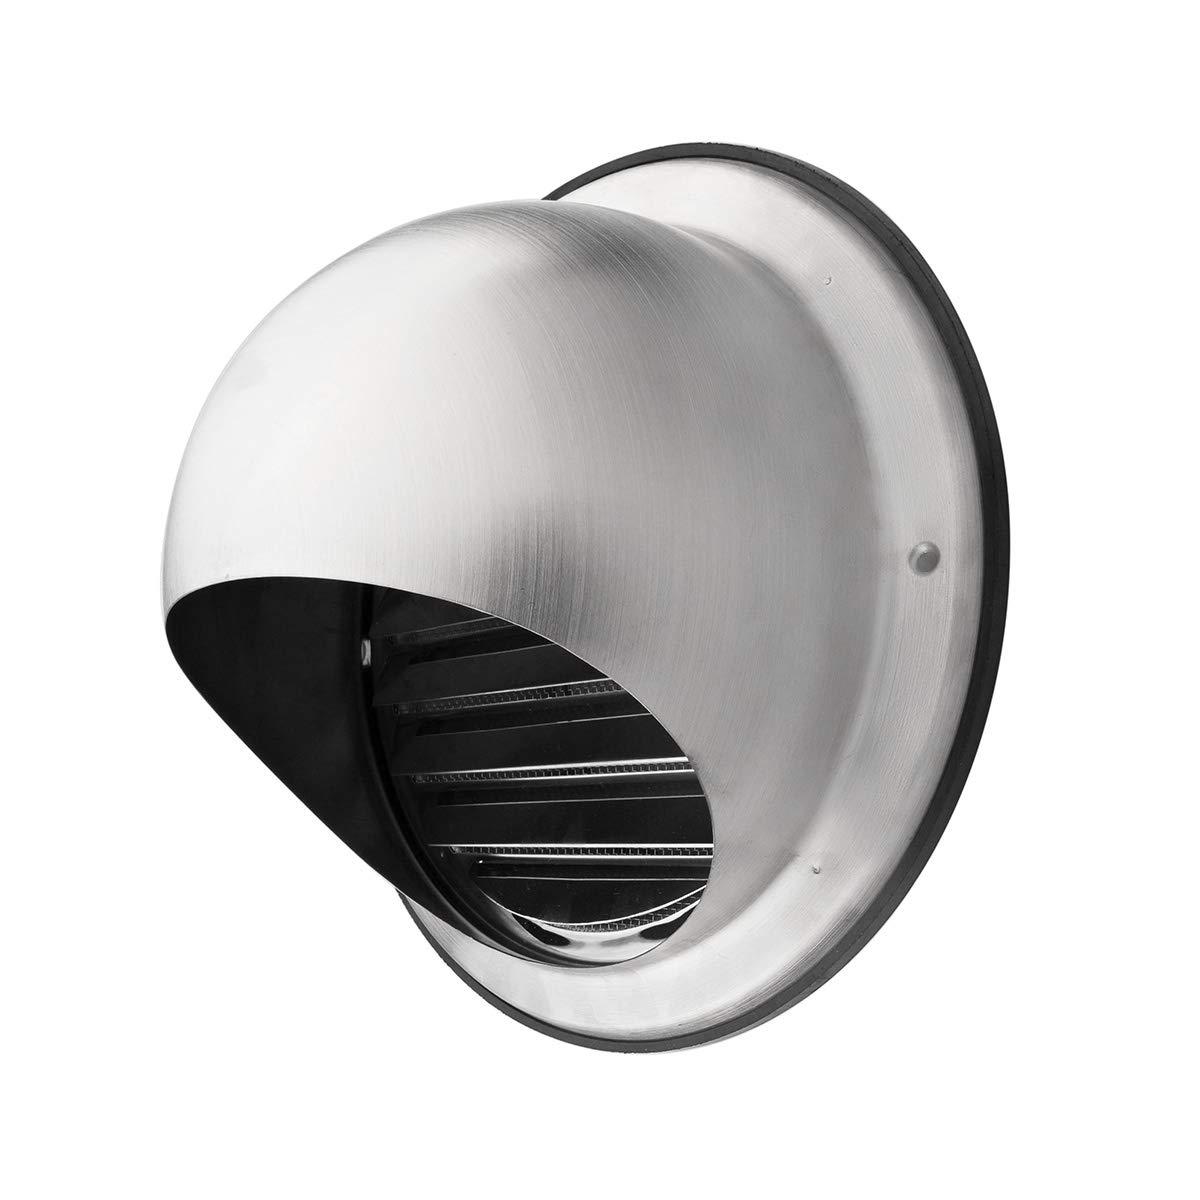 Klimapartner KWG 100 - Indoor & Outdoor Stainless Steel Round Ventilation Grill Screen Hood